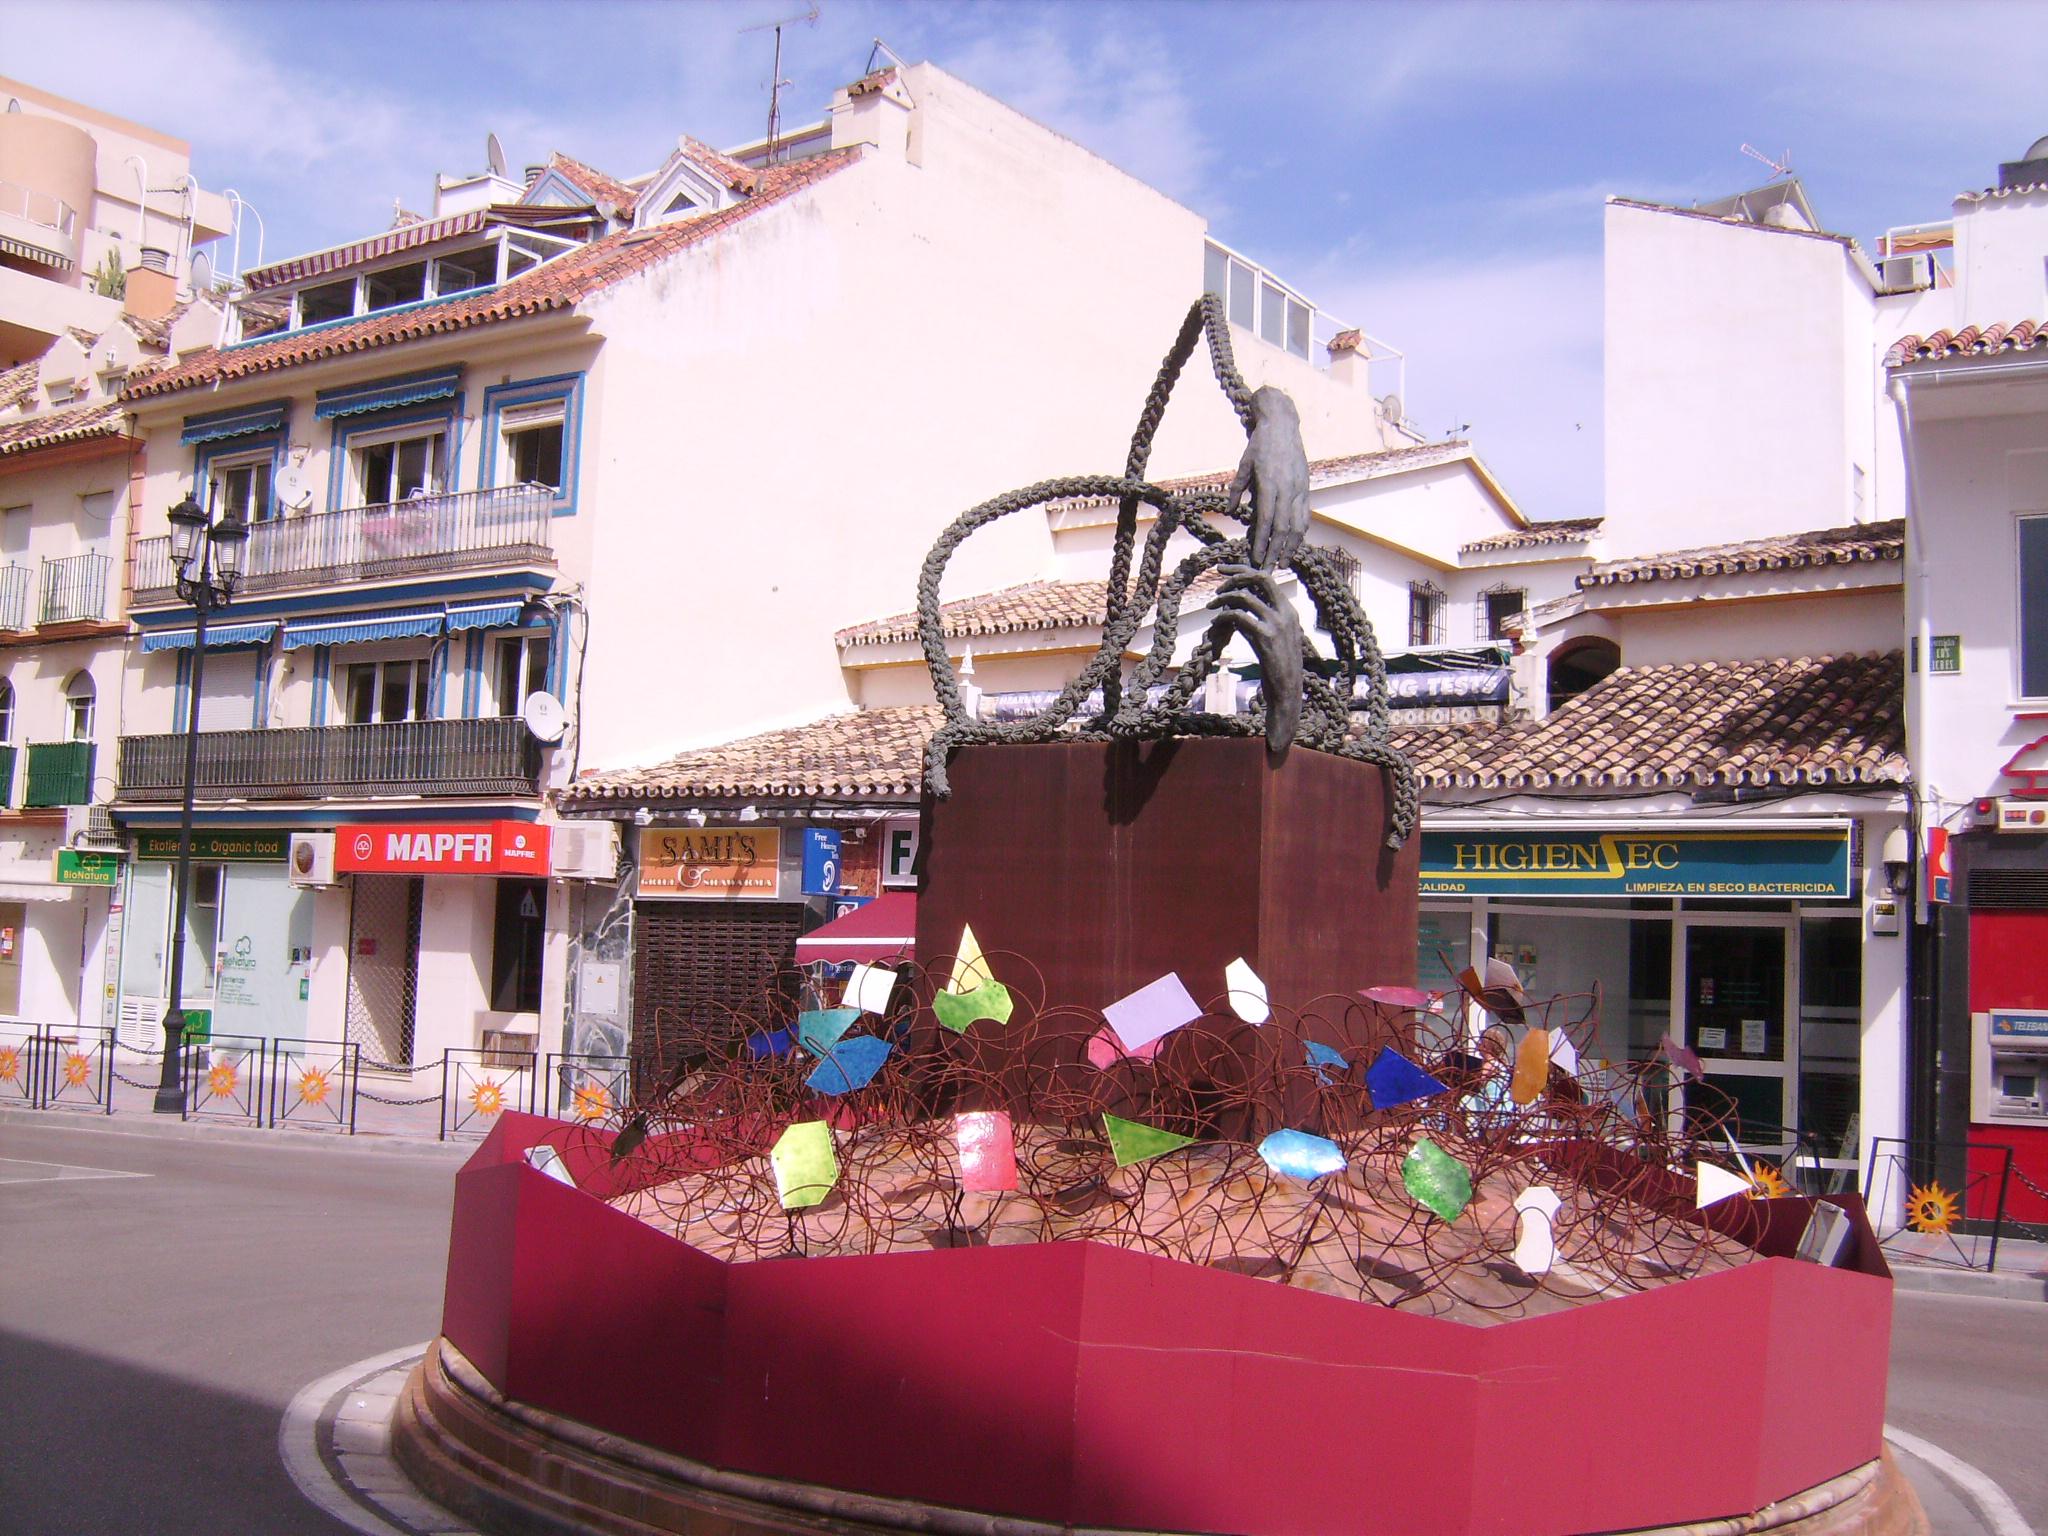 Említettem már, hogy a spanyolok igen nagy hangsúlyt fektetnek a körforgalom-szigetek dekorációjára.<br />Ez egy modern installáció,